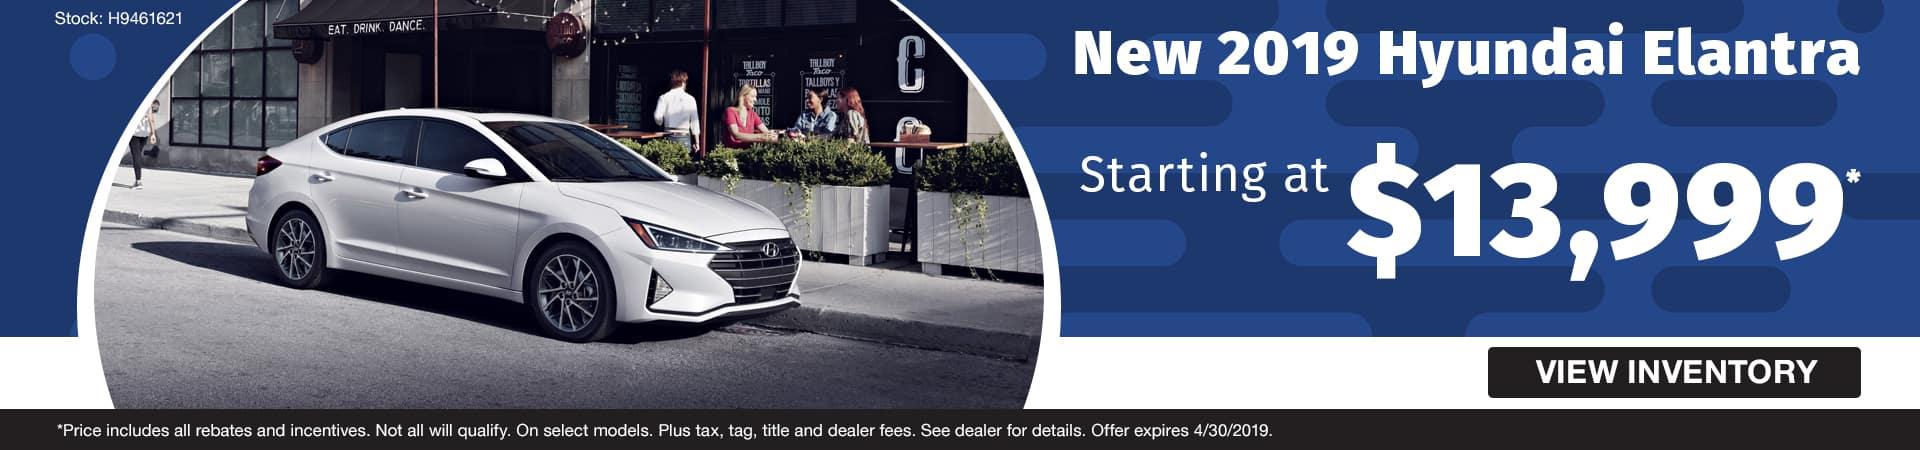 Drive a new 2019 Hyundai Elantra starting at just $13,999 in Murfreesboro TN